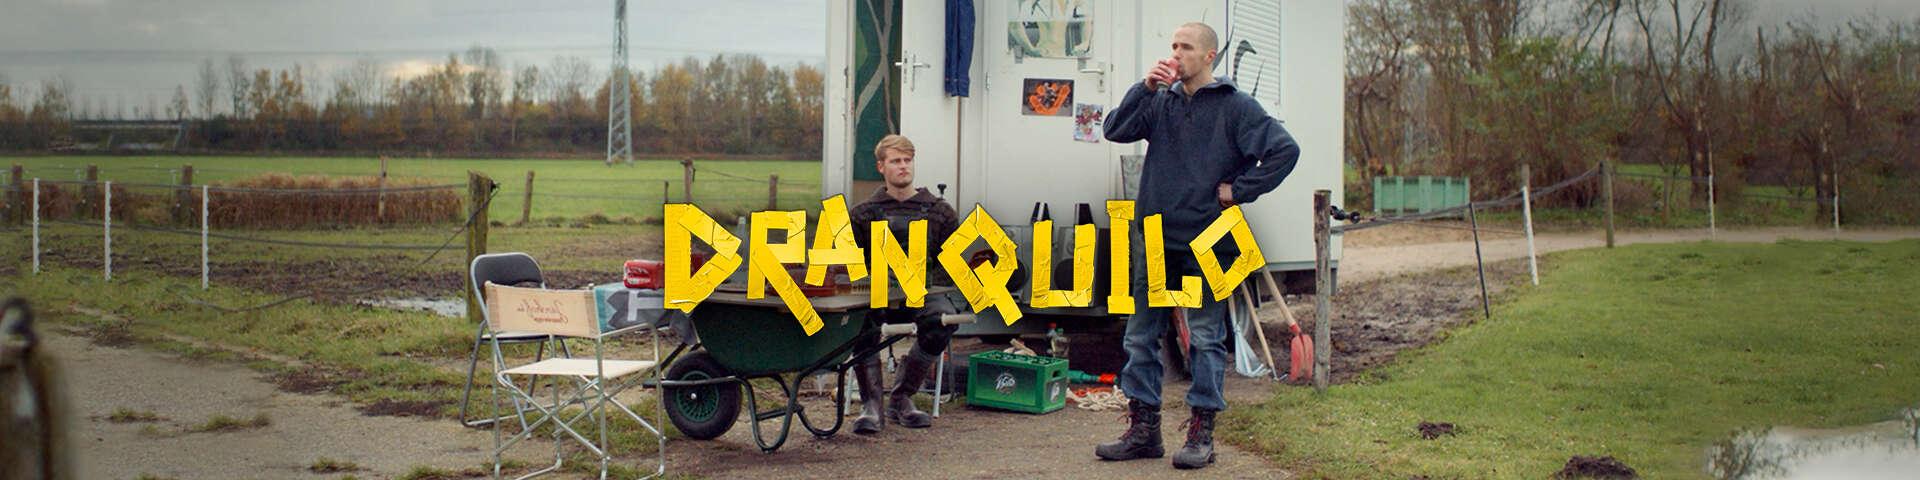 DRANQUILO – MINVWS CAMPAIGN